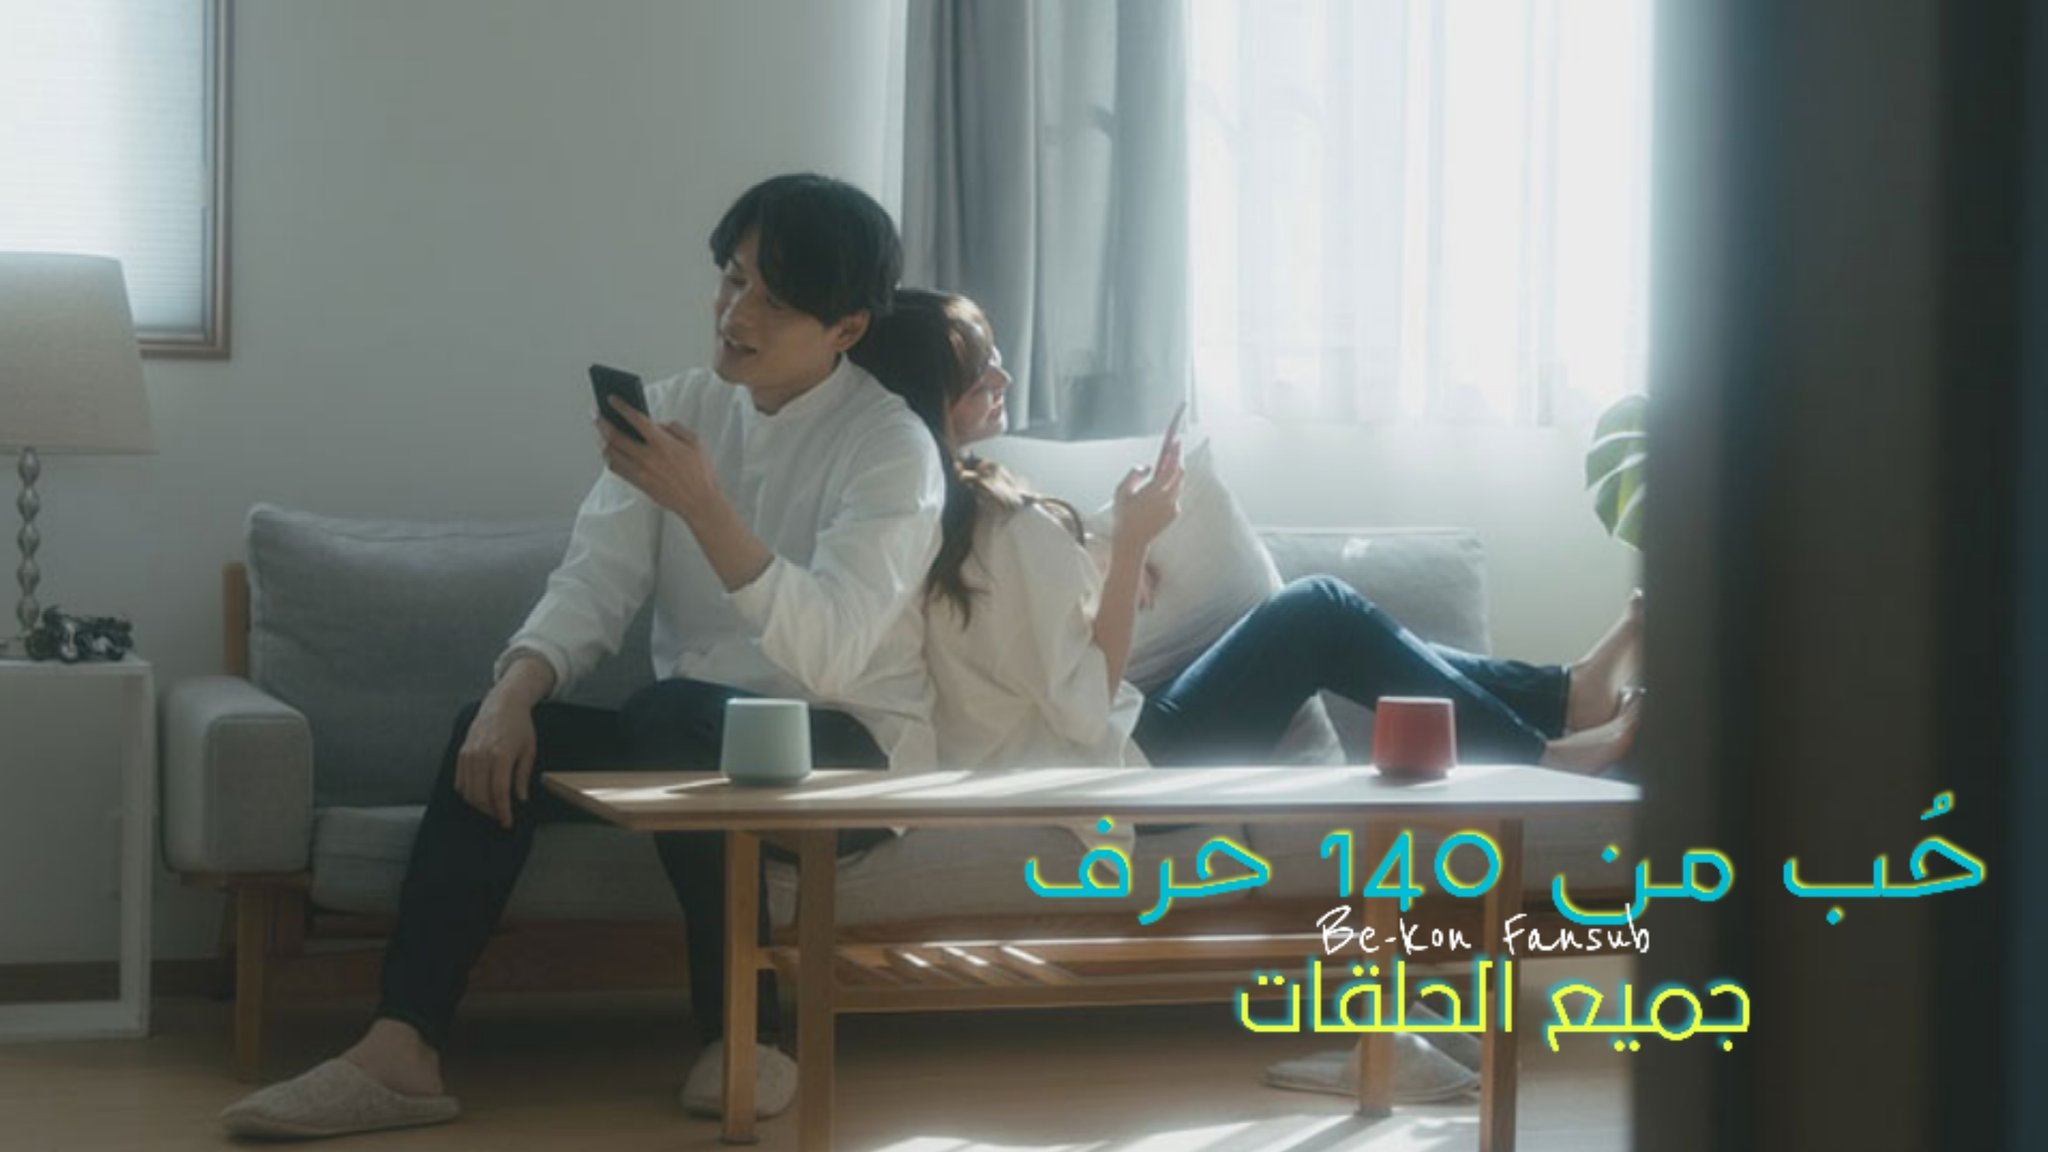 Arab Photo,Arab Twitter Trend : Most Popular Tweets